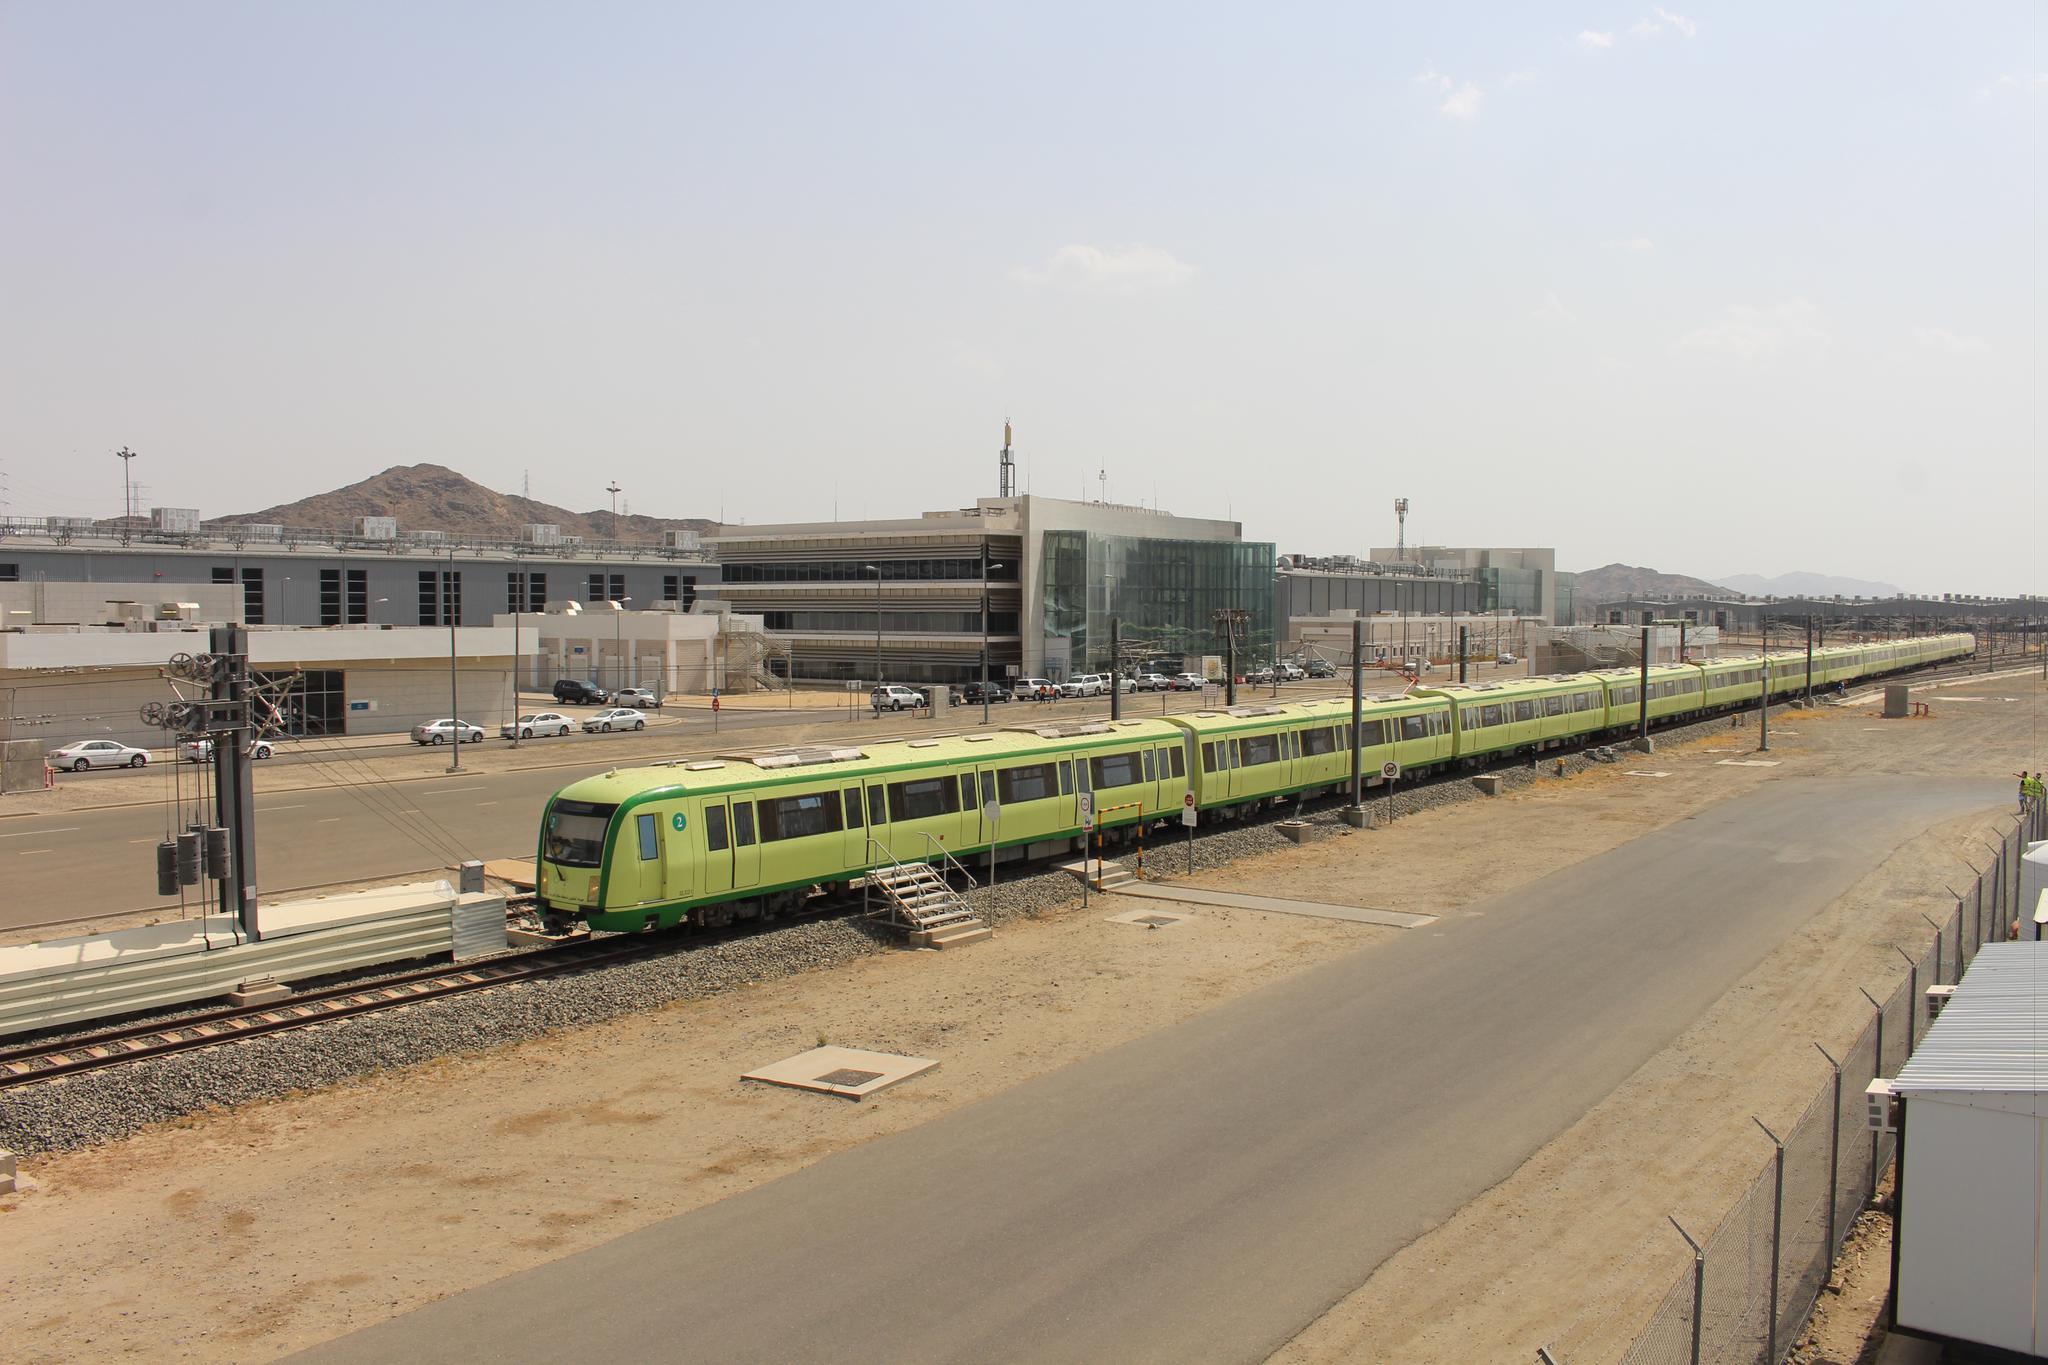 中国铁建正式开始沙特麦加轻轨朝觐运营|麦加|中国铁建